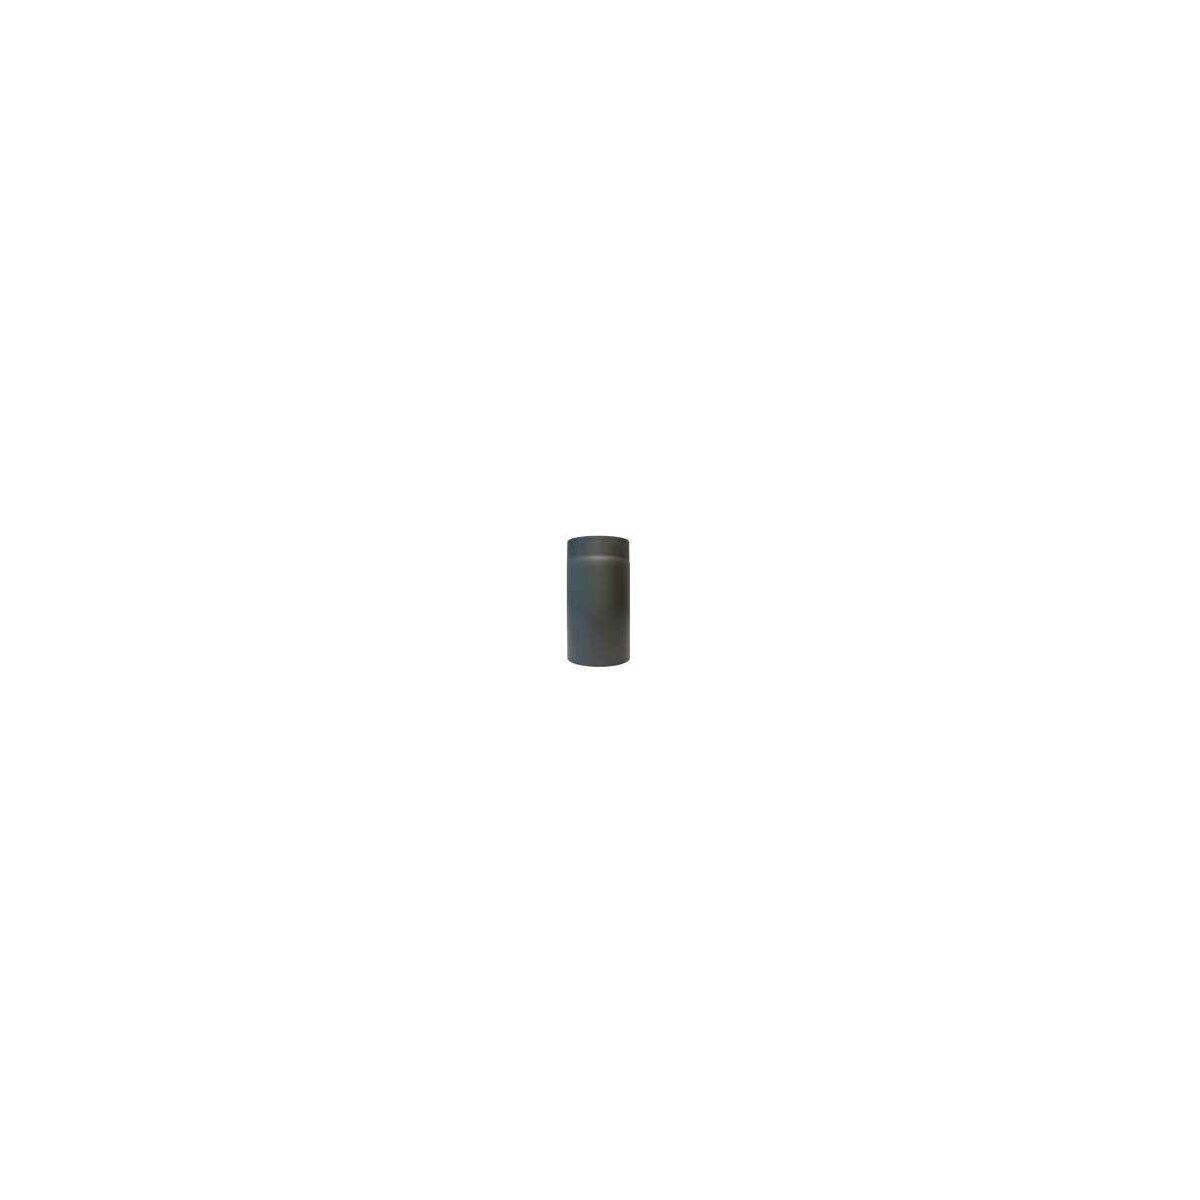 rauchrohr 130 x 150 x 2 mm farbe schwarz 16 90 von color emajl d o o mit beratung g nstig. Black Bedroom Furniture Sets. Home Design Ideas